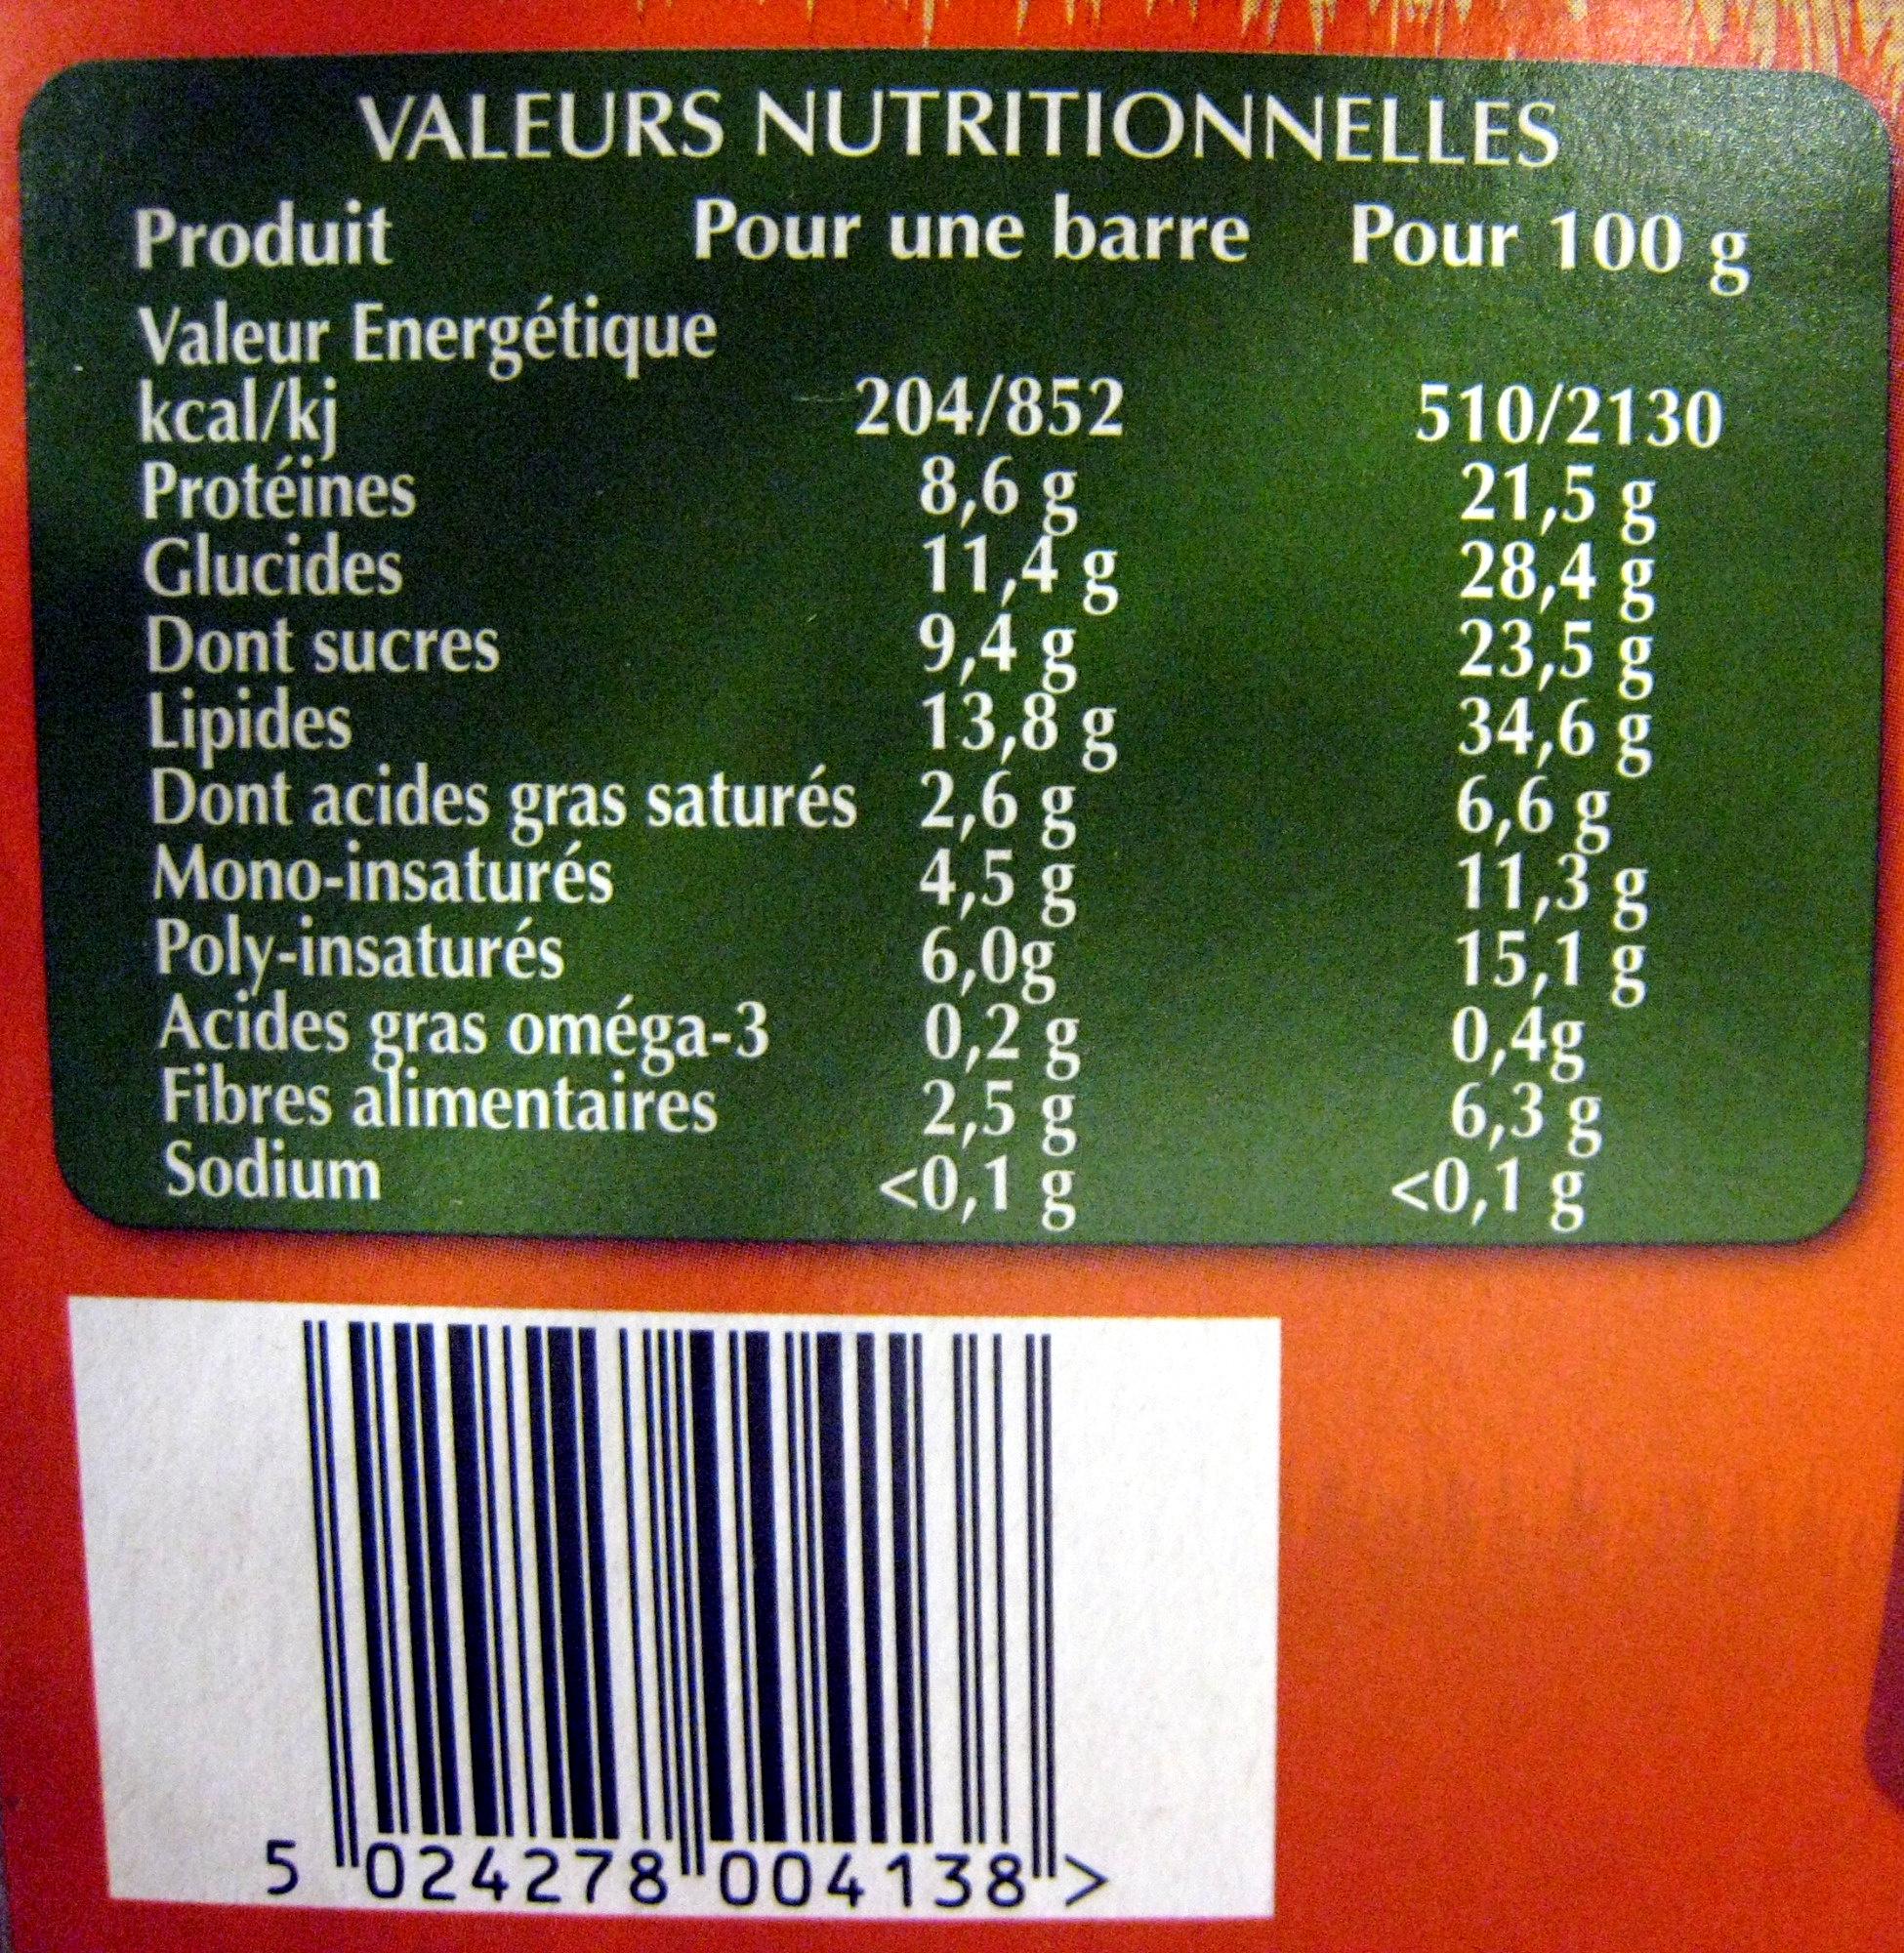 Potiron sans gluten - Nährwertangaben - fr